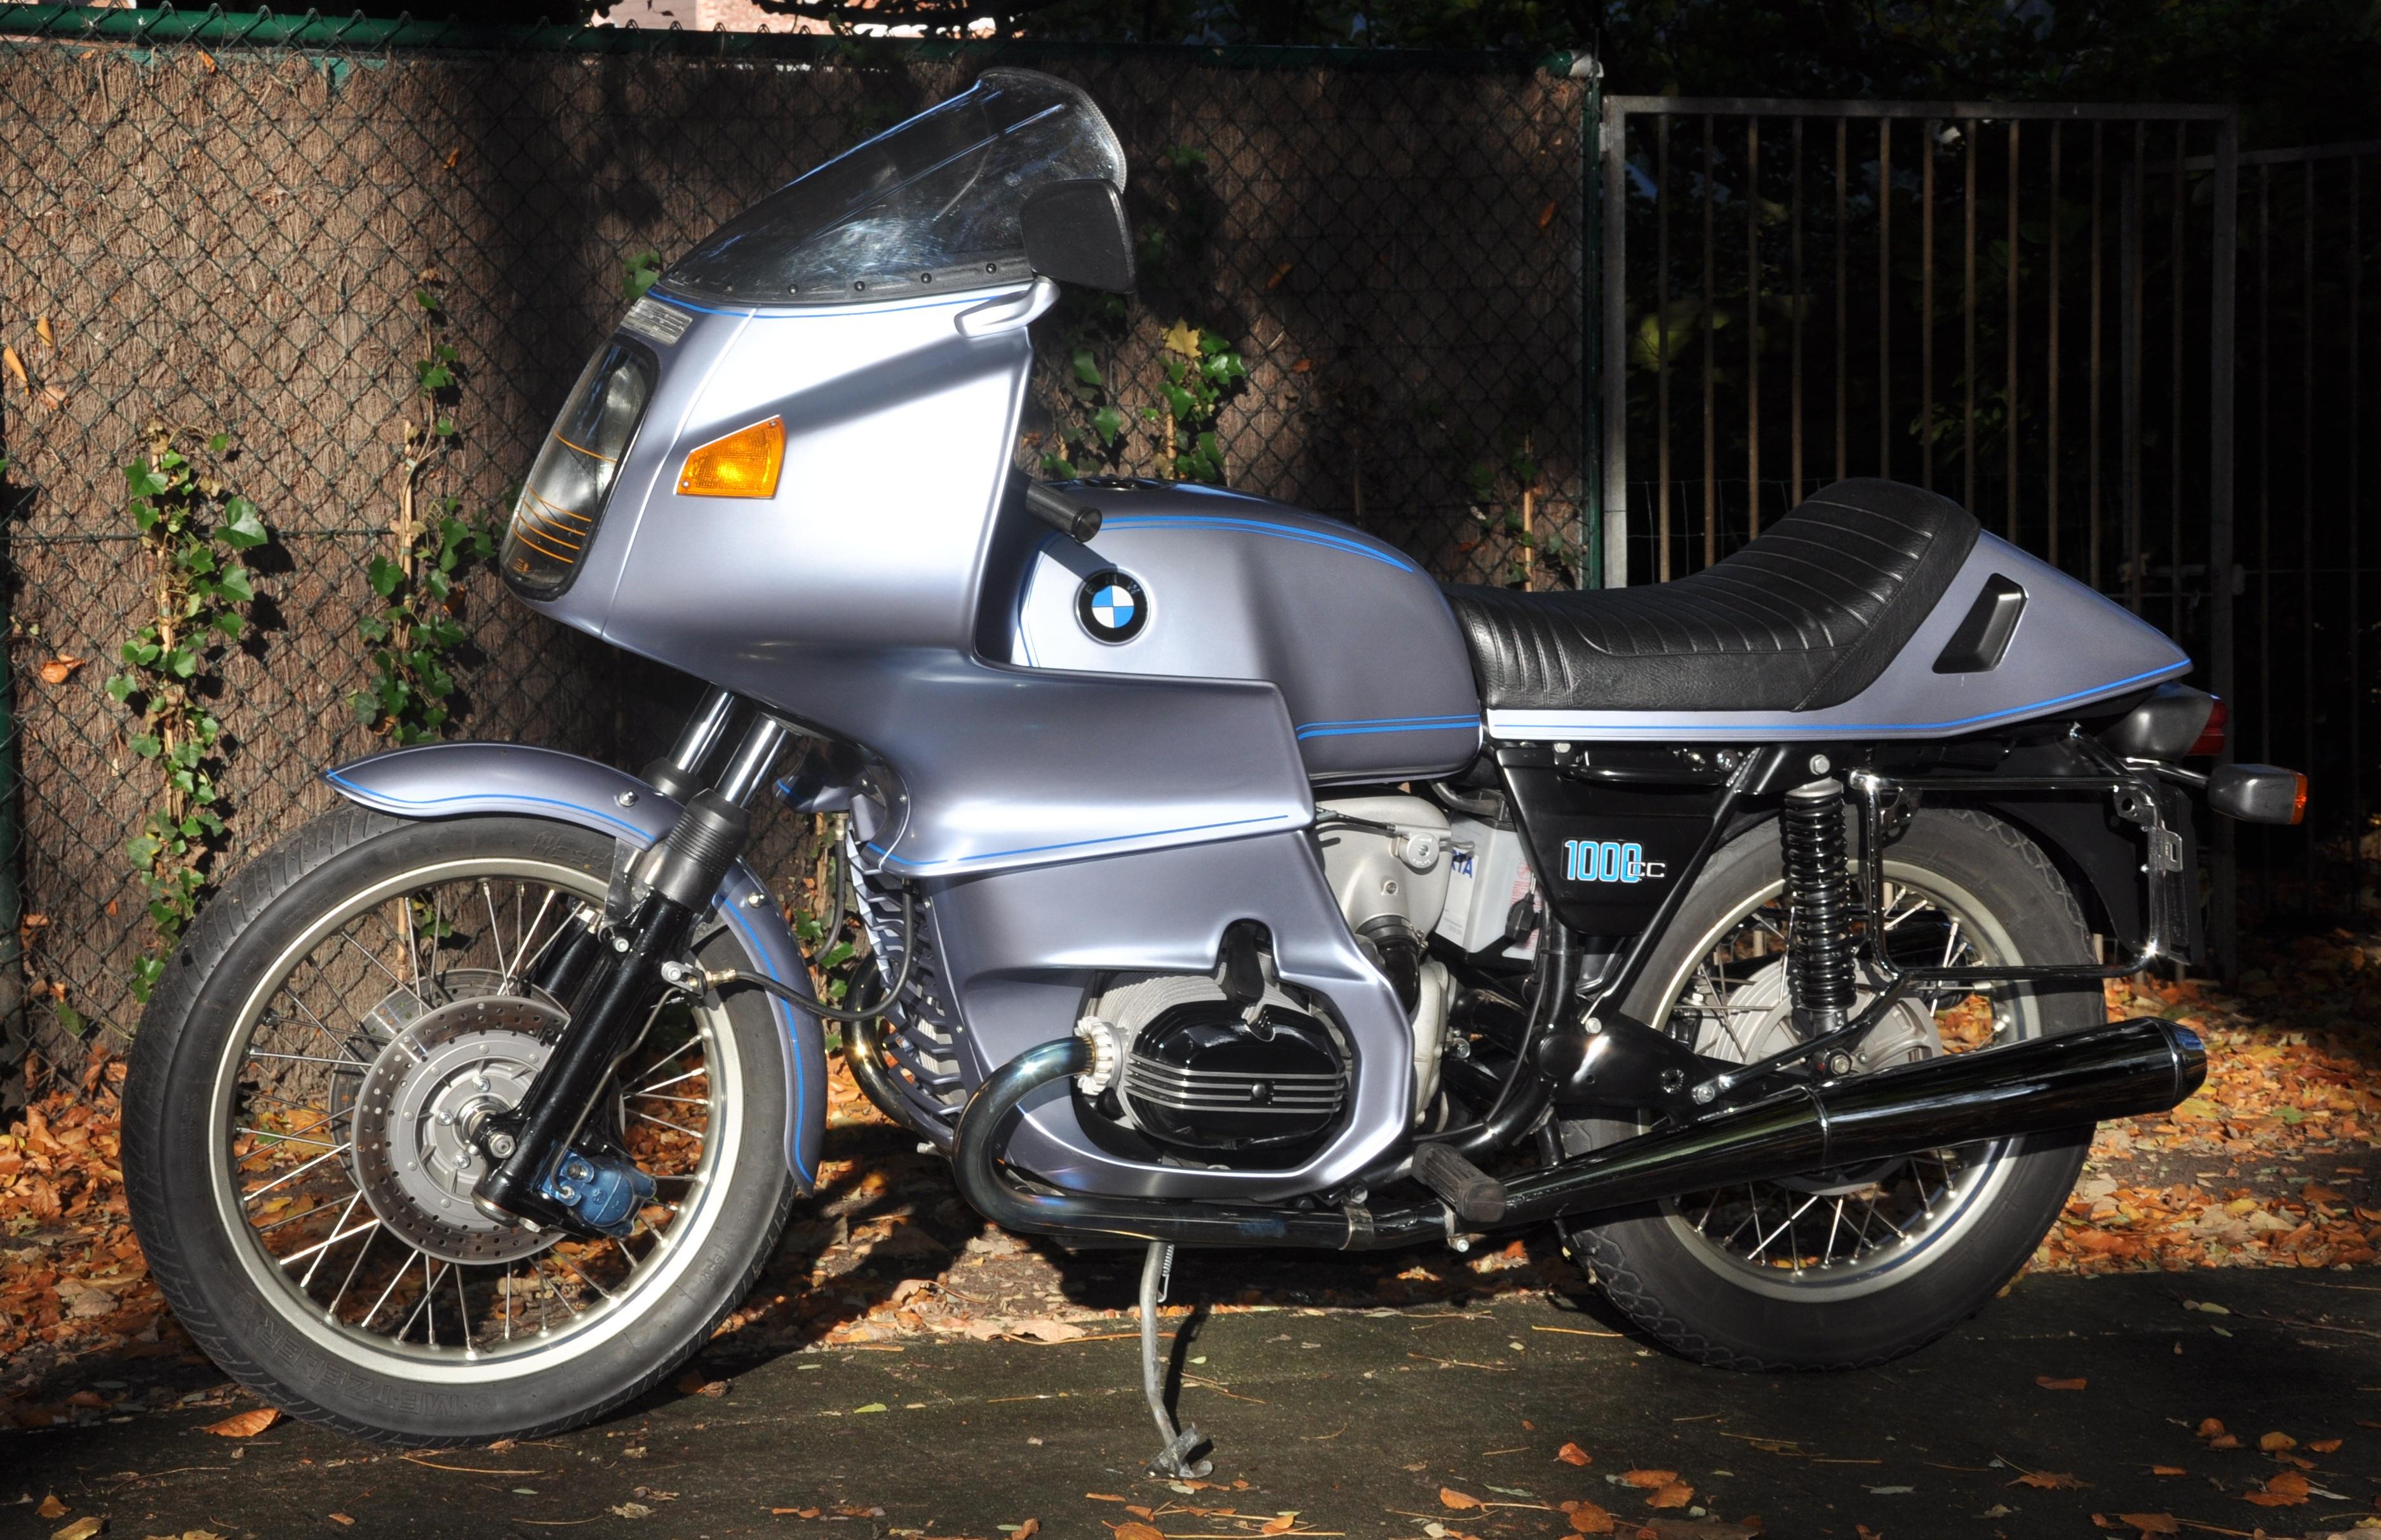 BMW R100 - Wikipedia